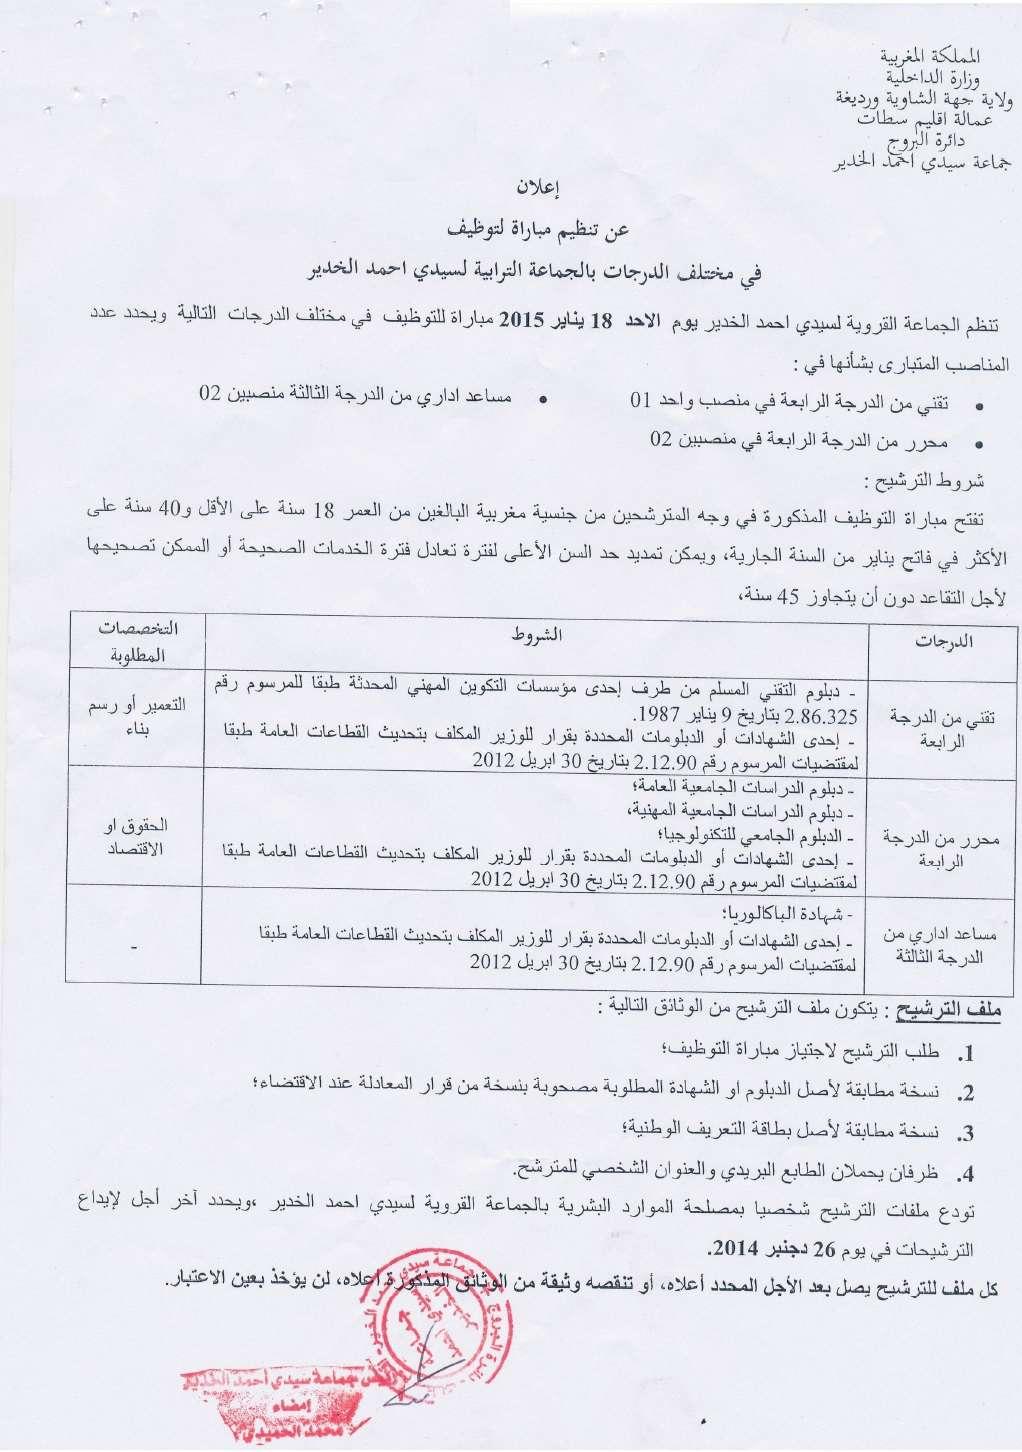 جماعة سيدي أحمد الخدير (إقليم سطات) : مباراة لتوظيف تقني من الدرجة الرابعة (1) و محرر من الدرجة الرابعة (2) و مساعد إداري من الدرجة الثالثة (2) آخر أجل 26 دجنبر 2014 Sans_t10